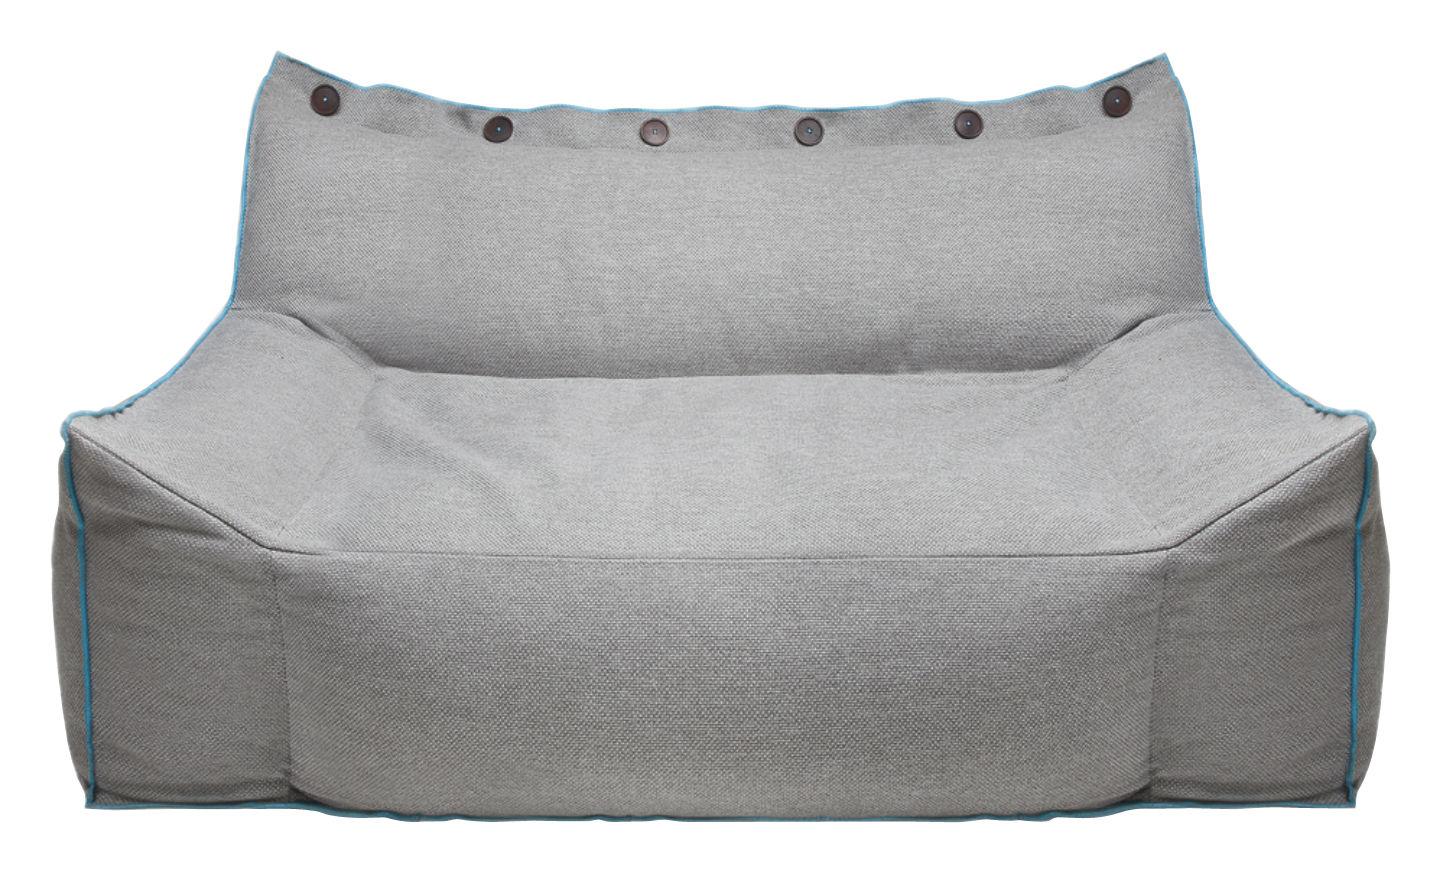 Mobilier - Canapés - Canapé droit Frollo / tissu - Pour l'intérieur - 2 places L 160 cm - Skitsch - Gris & liseré bleu - Fibre de polyester, Tissu